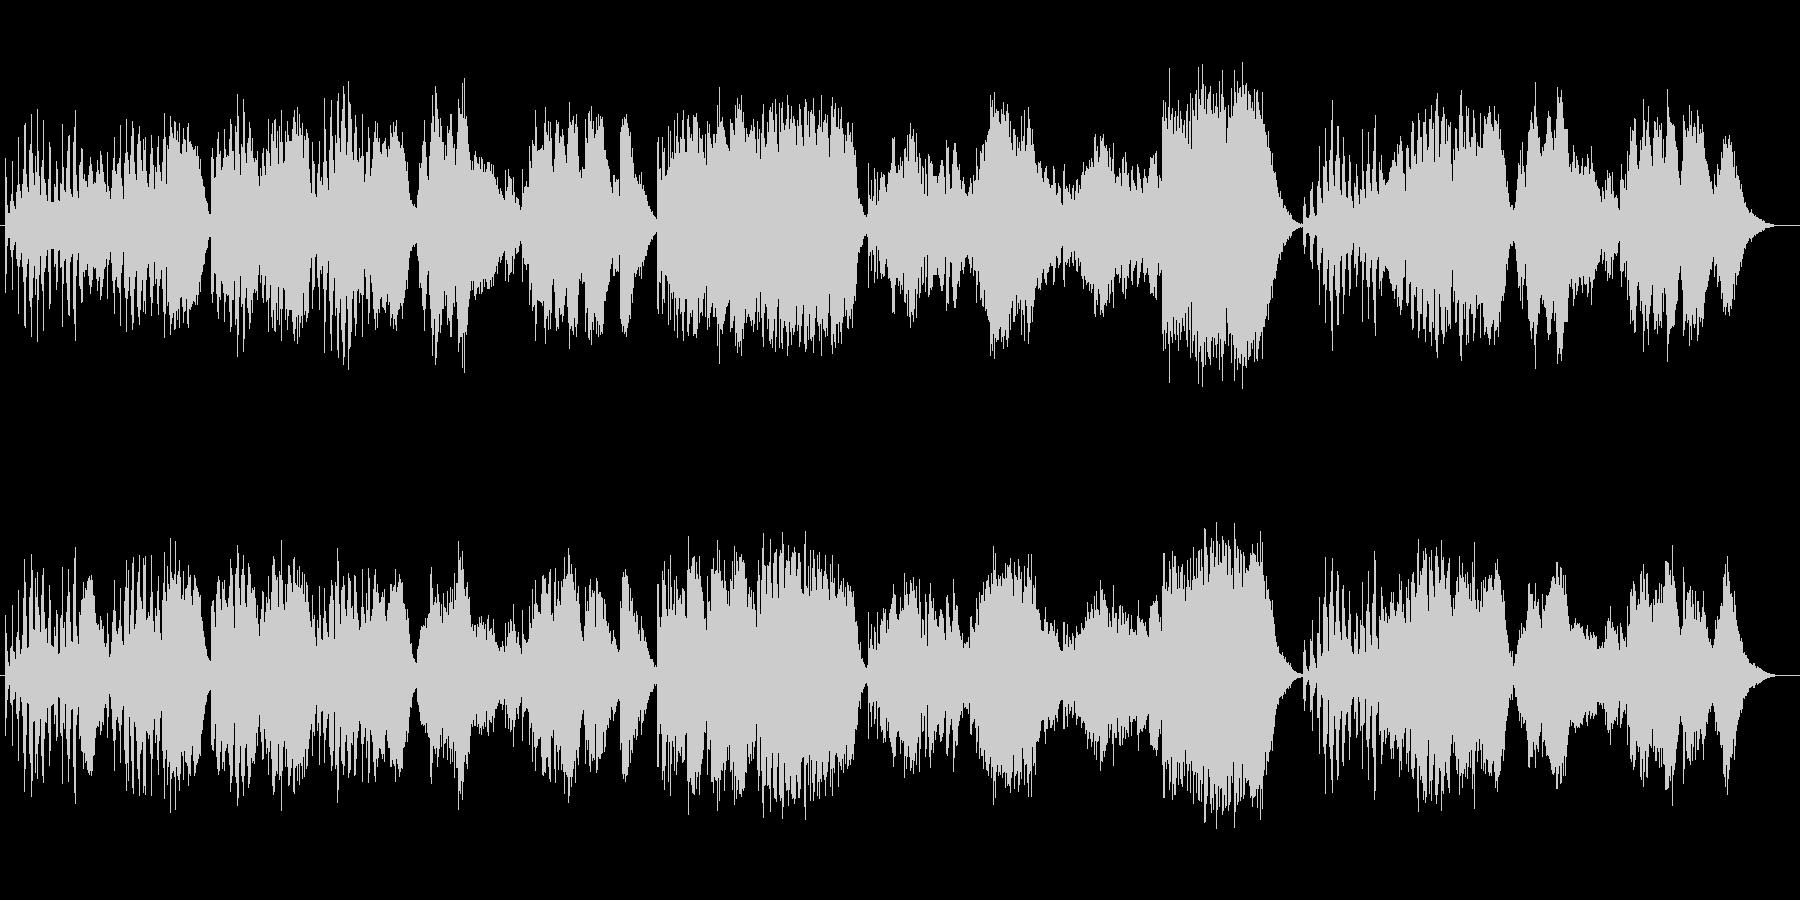 シンセのオーケストラが奏でる組曲の未再生の波形